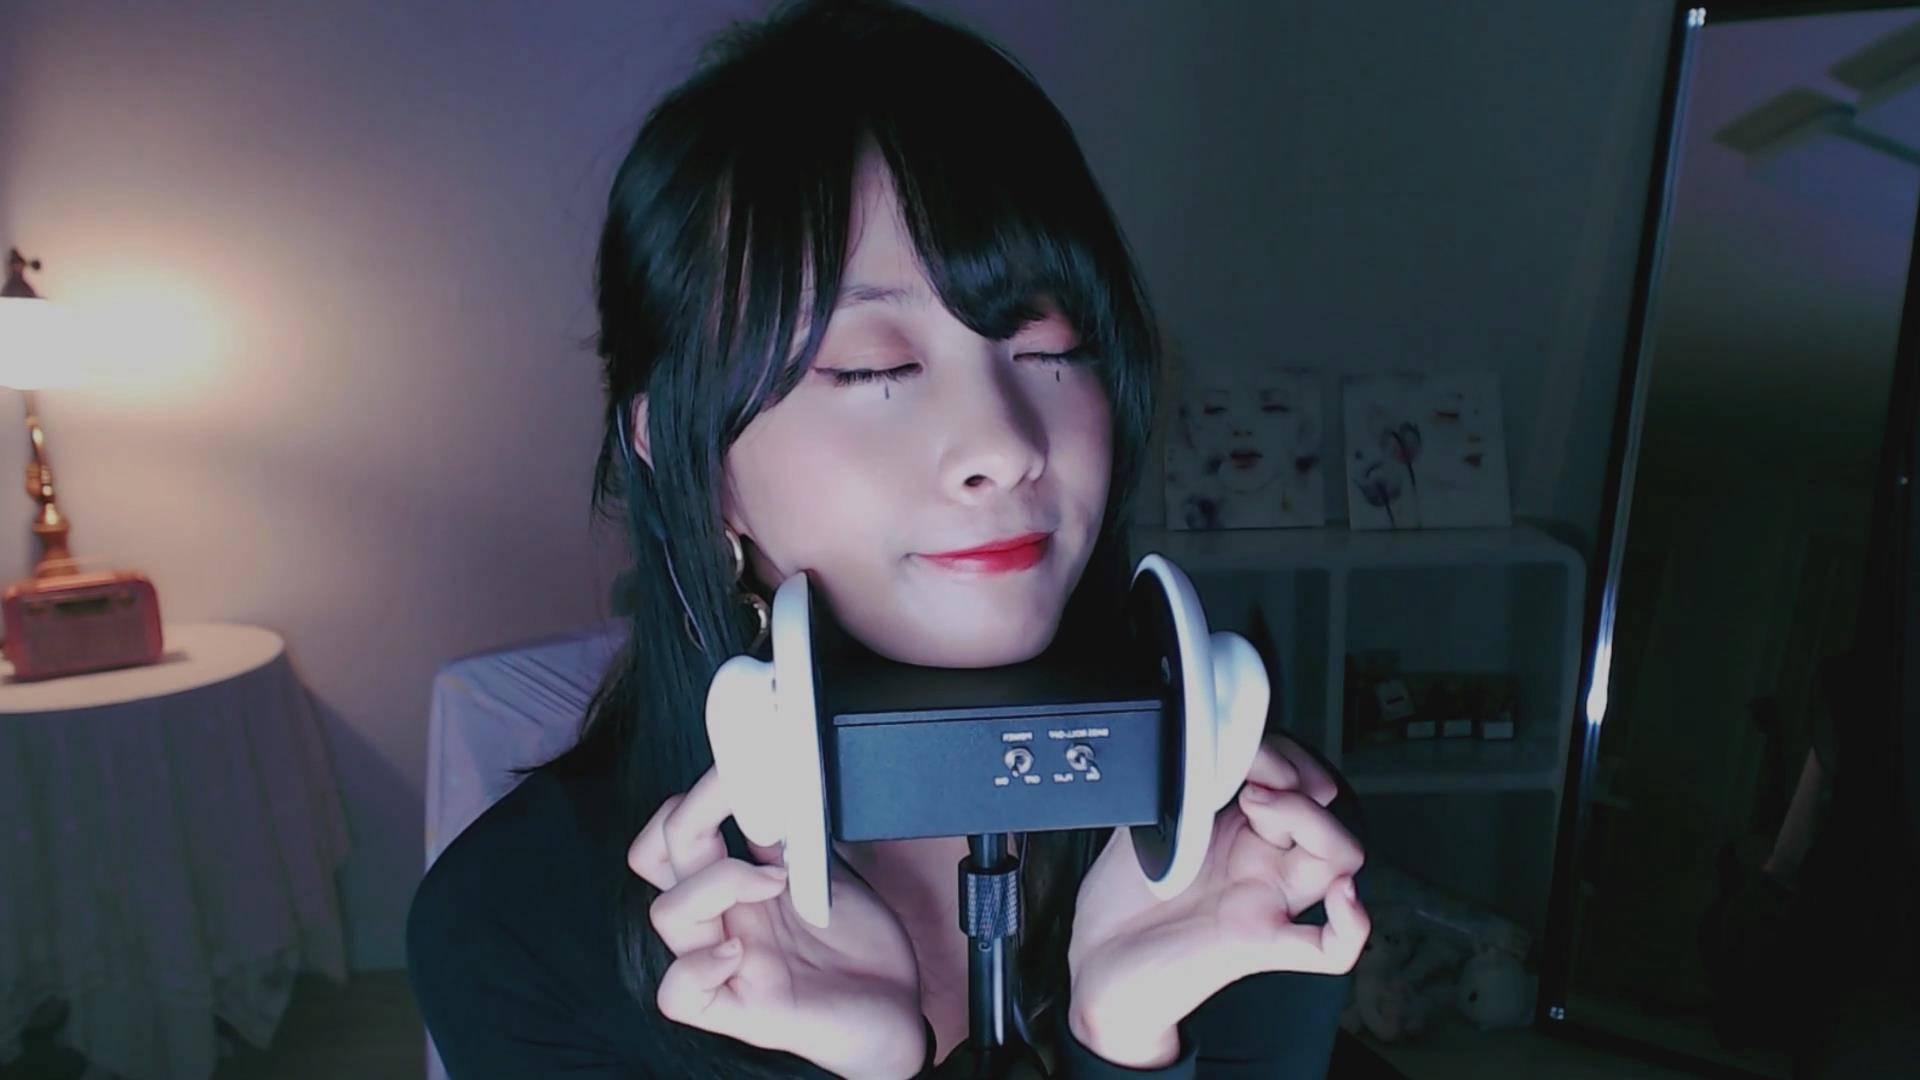 【声控】MIMO耳朵清洁11min